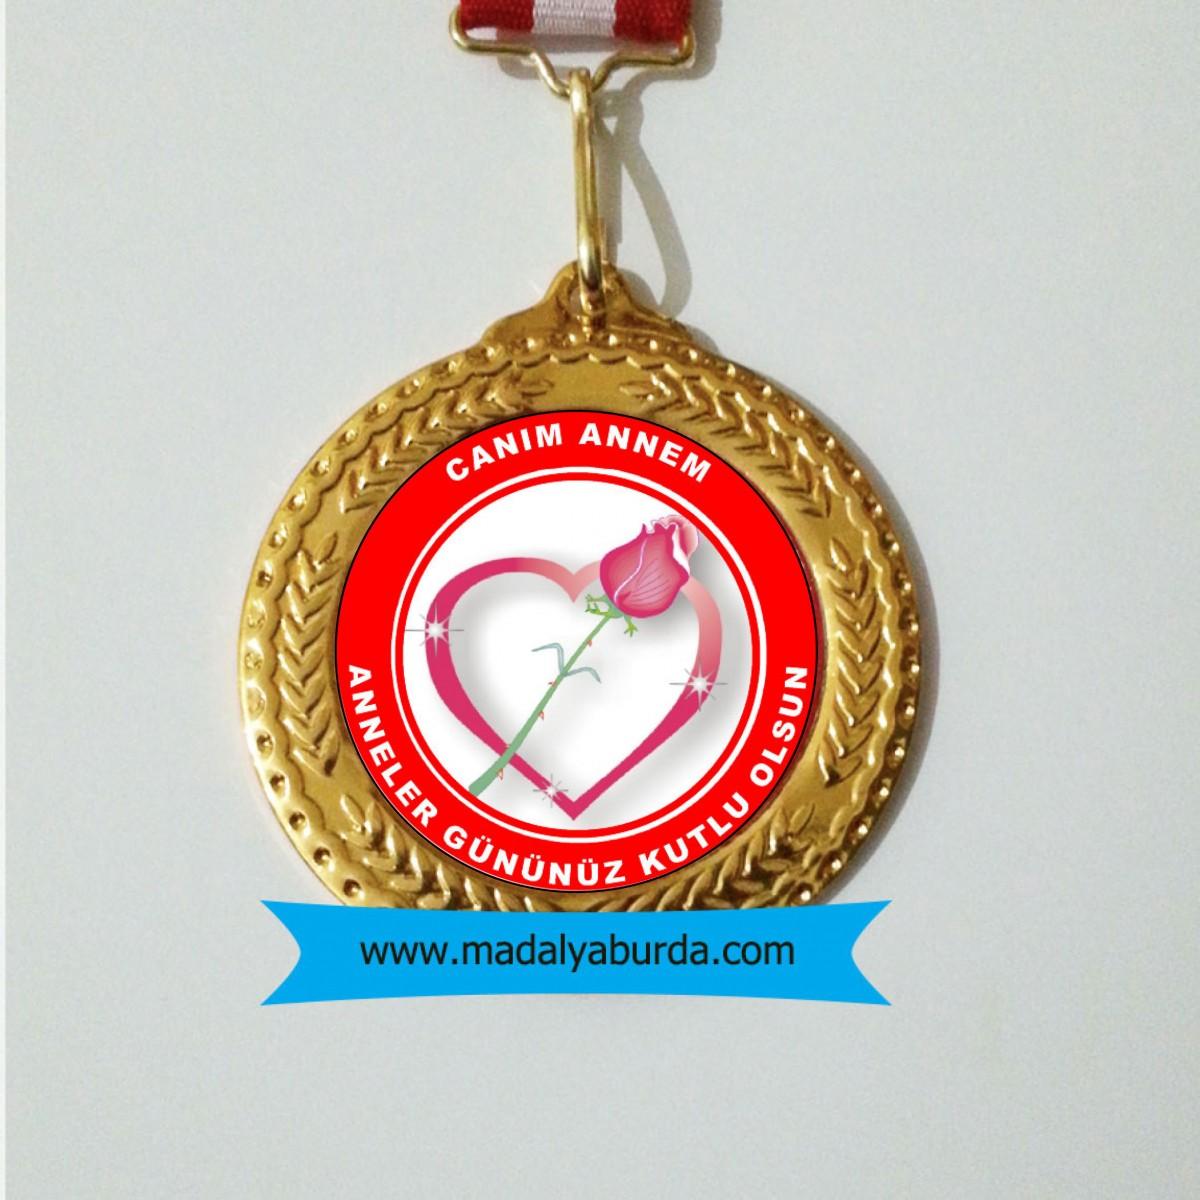 Anneler günü madalyası